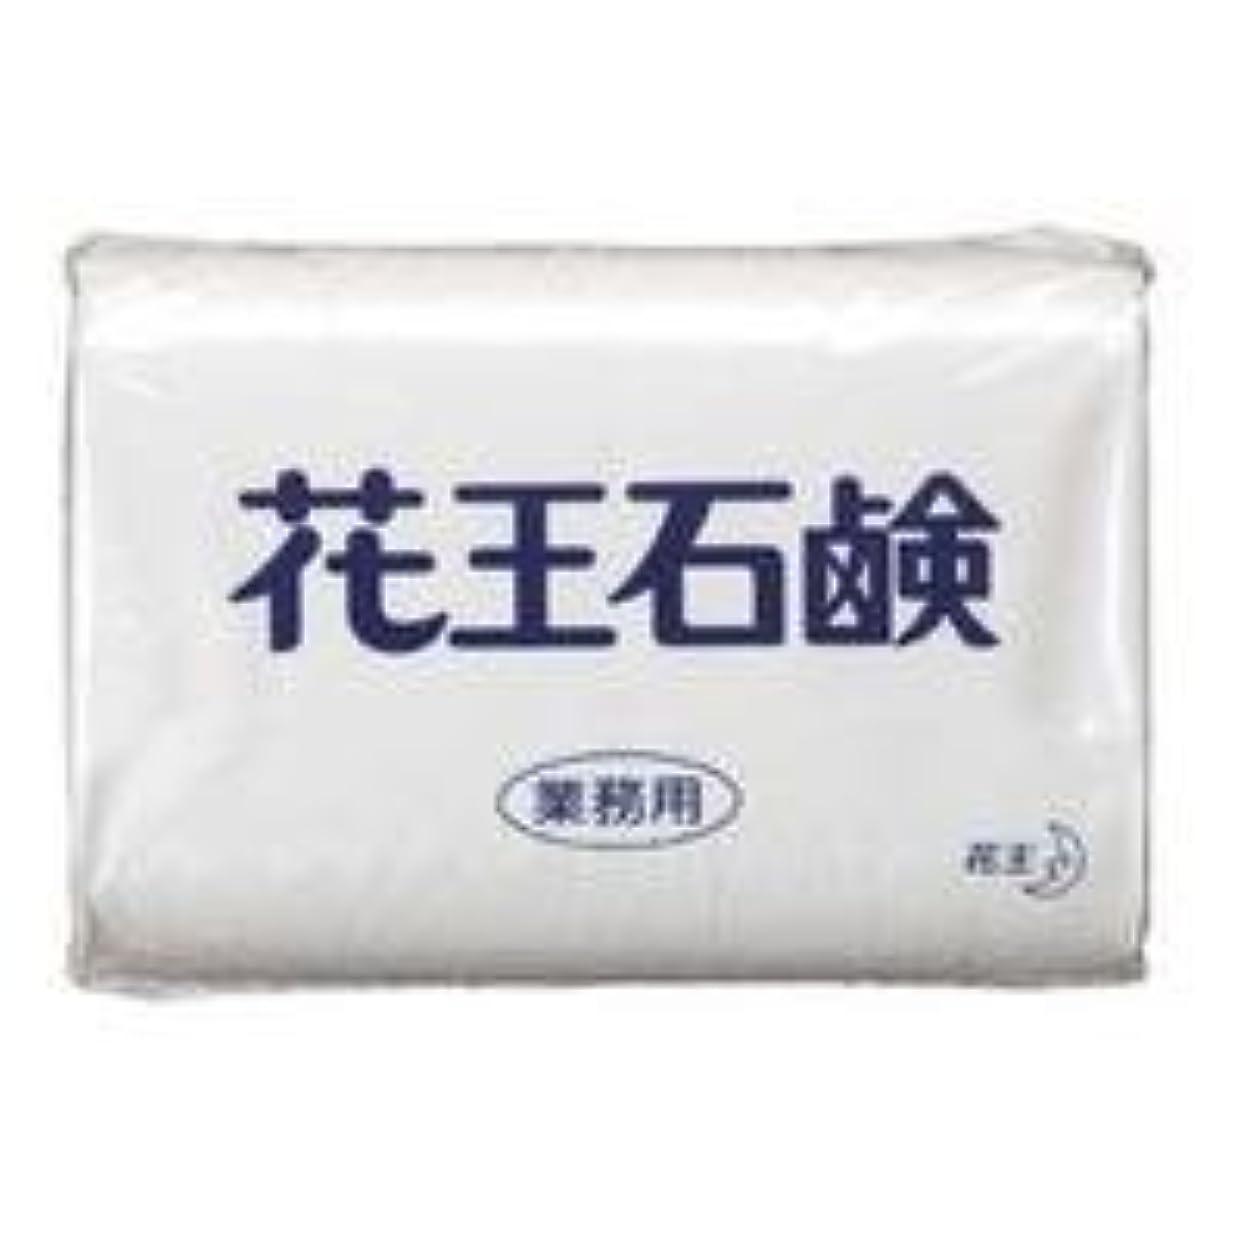 絡み合いハンディベール業務用石鹸 85g 3個×40パック(120個入り)